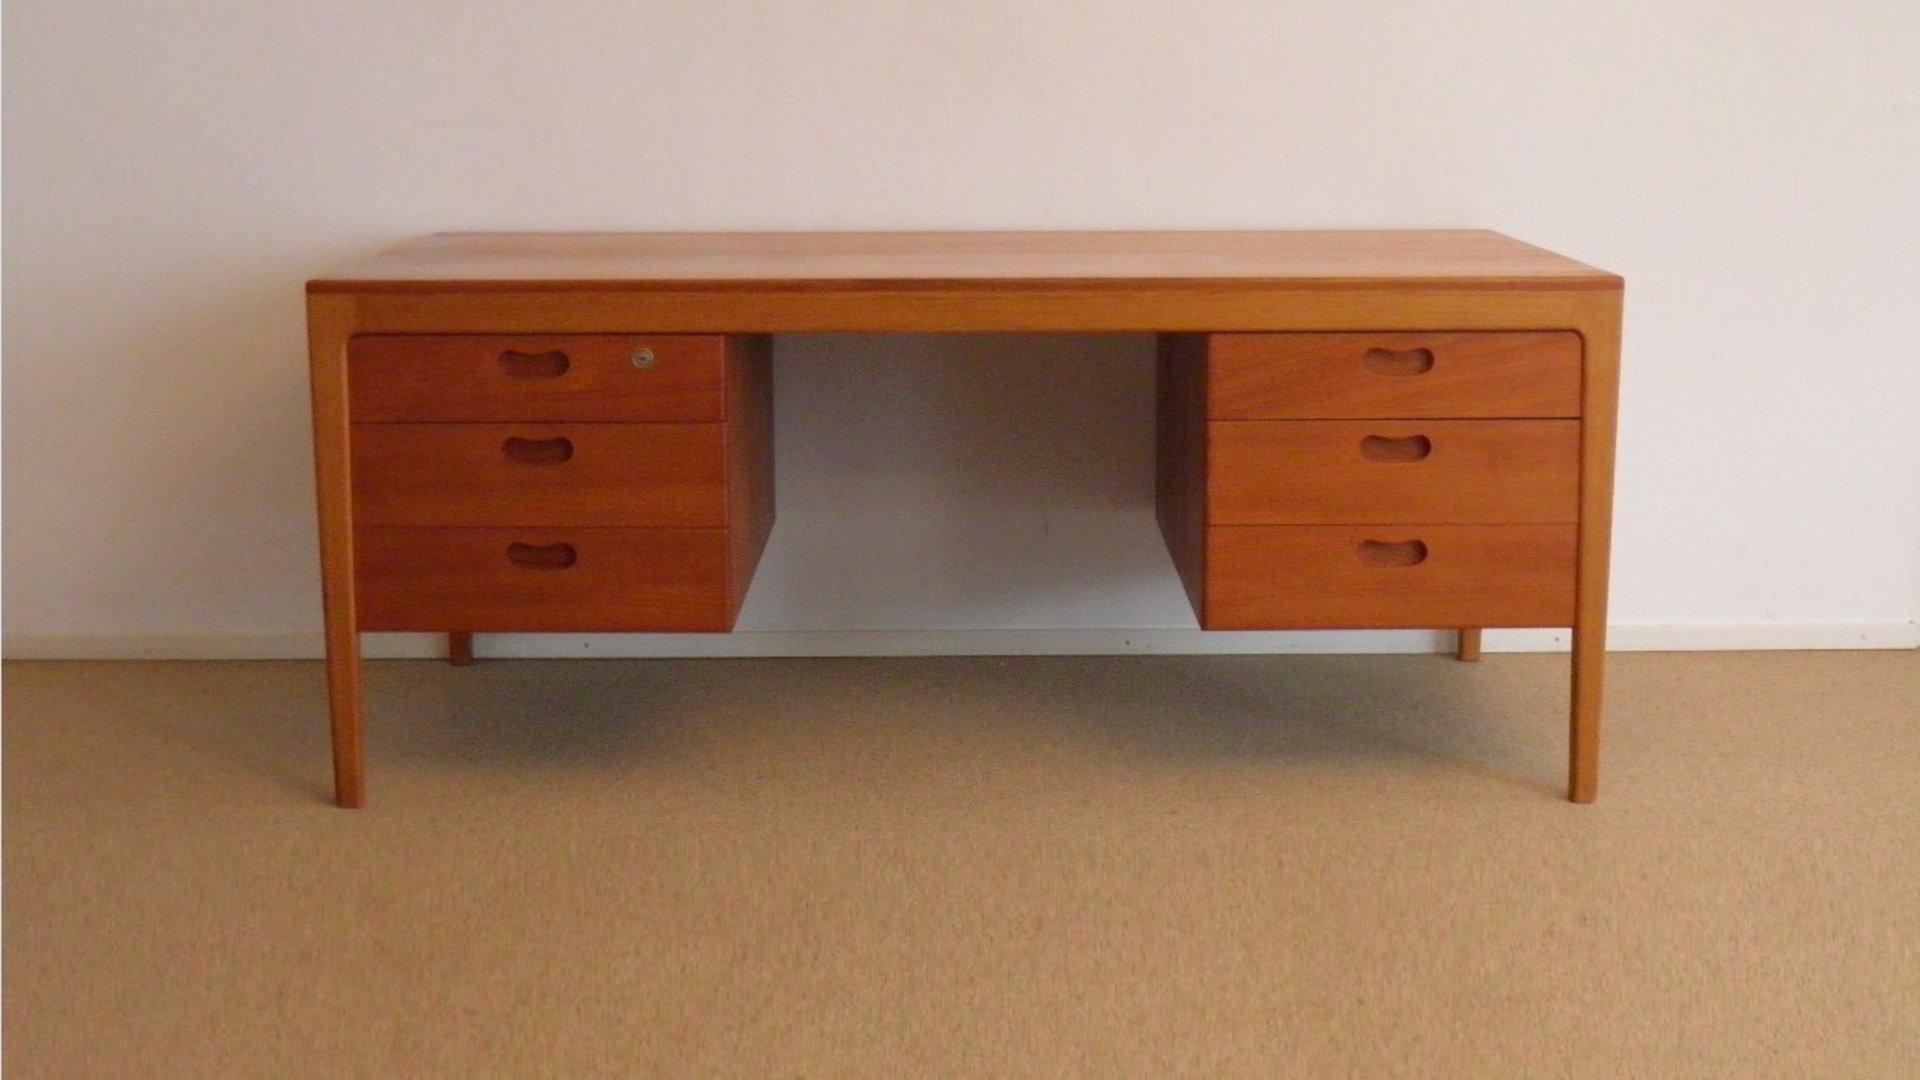 Top Dänischer Mid-Century Schreibtisch mit Schubladen, 1960er bei @CU_15